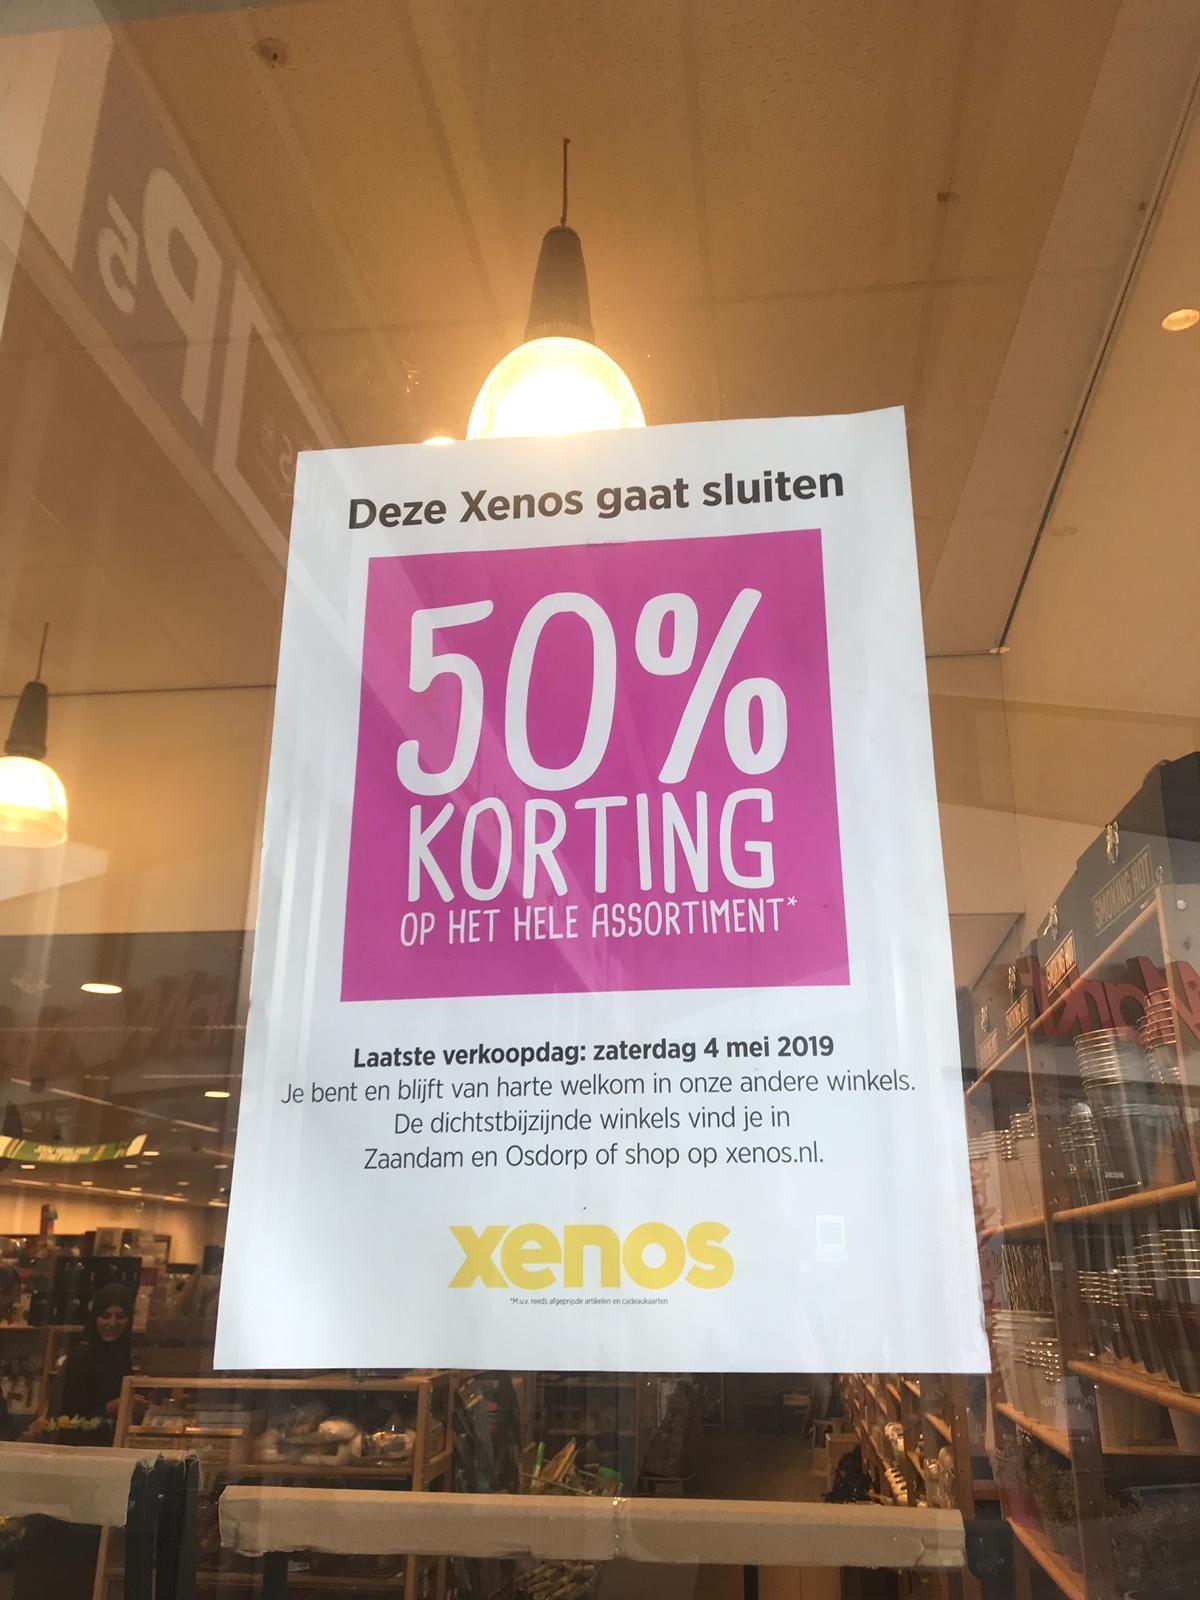 [LOKAAL] 50% Korting op hele Xenos Amsterdam-Noord assortiment